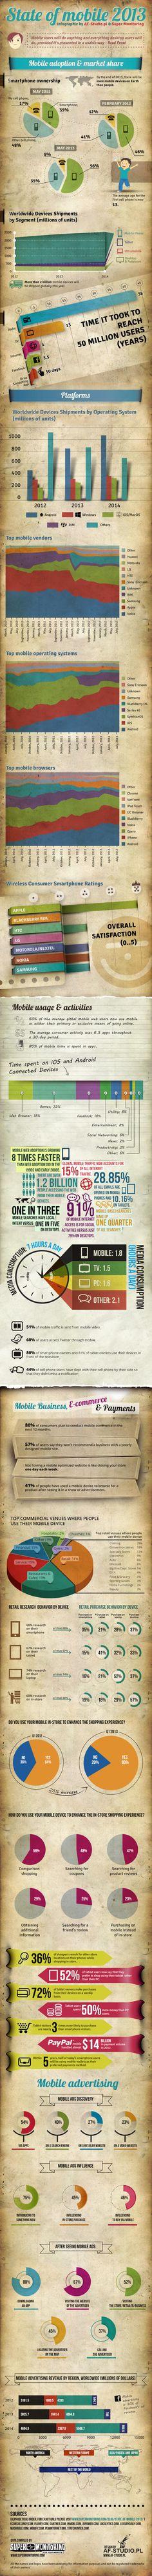 Der Stand der Dinge bei mobiler Kommunikation in 2013 #Infografik